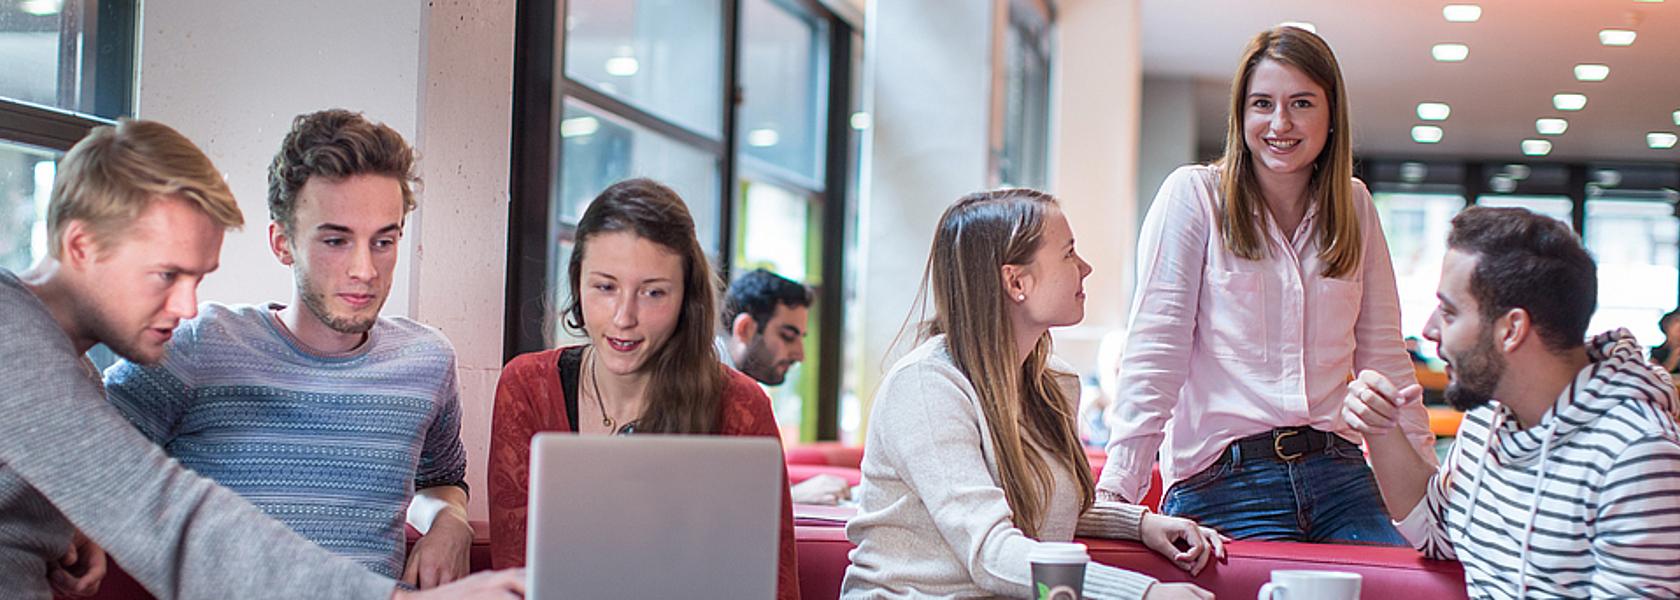 starthilfe fr erstsemester - Uni Bremen Online Bewerbung